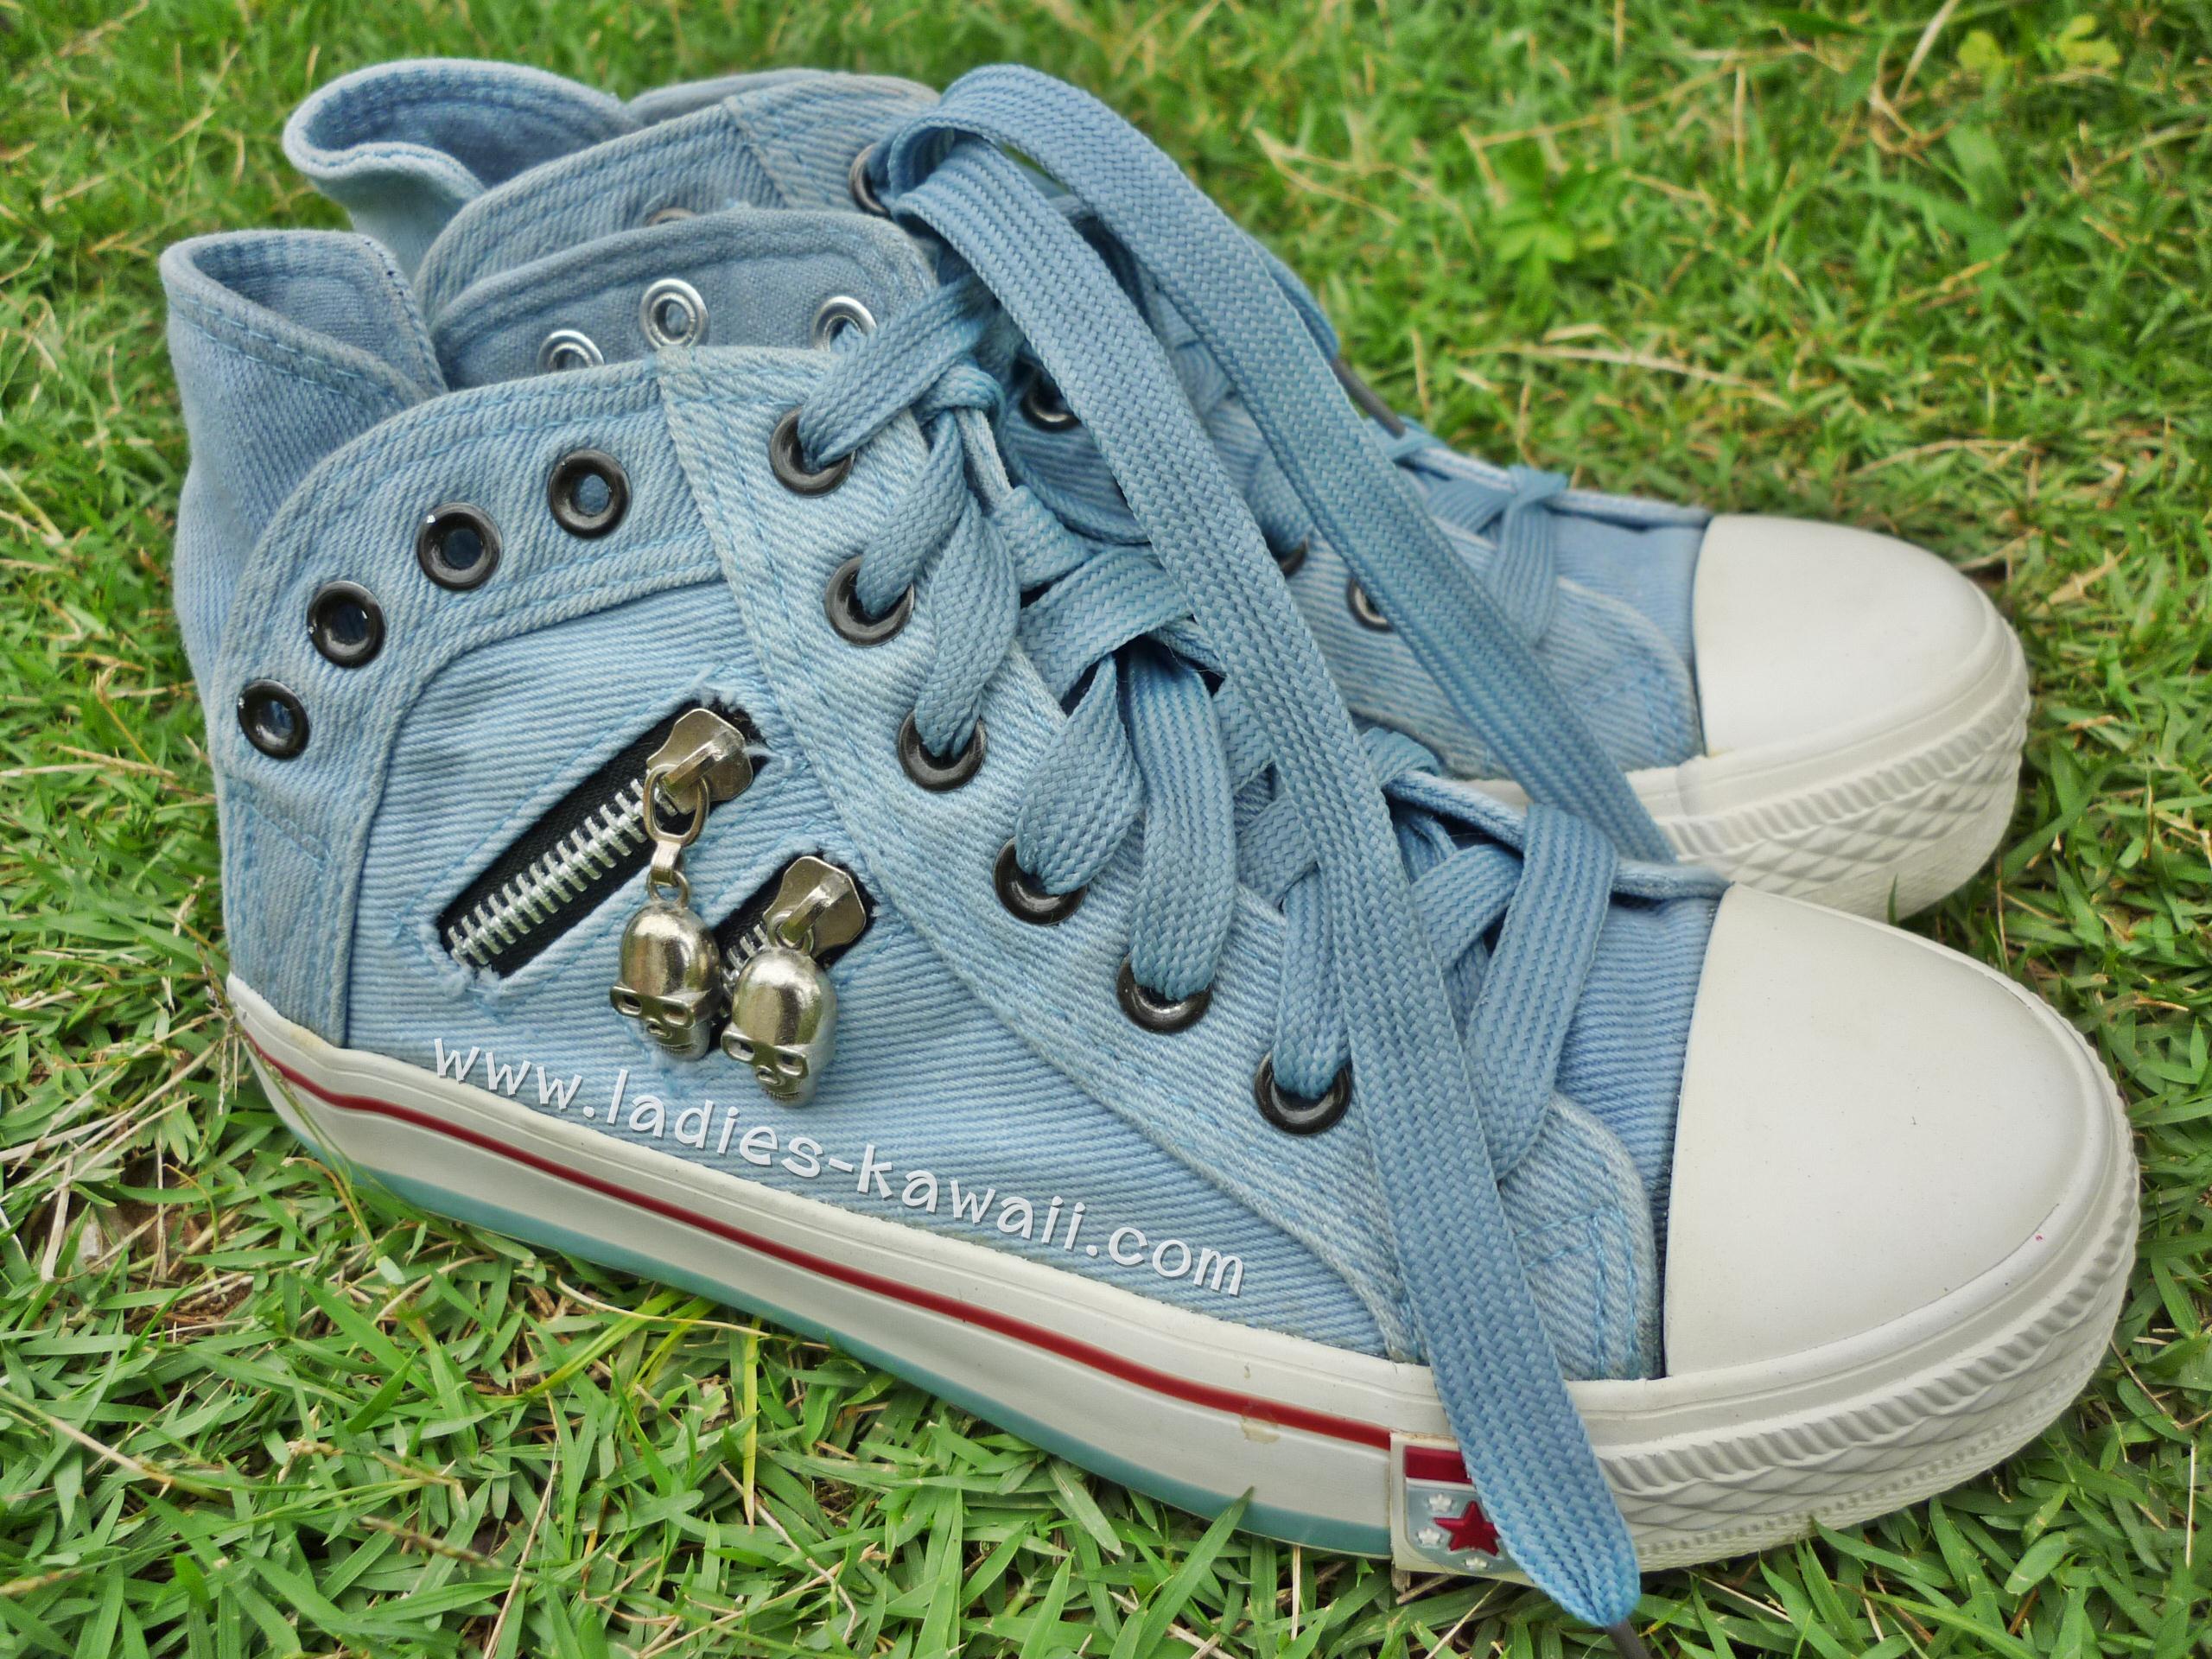 รองเท้าผ้าใบยีนส์สีฟ้า Chic Chic (Size 36) 200 บาท